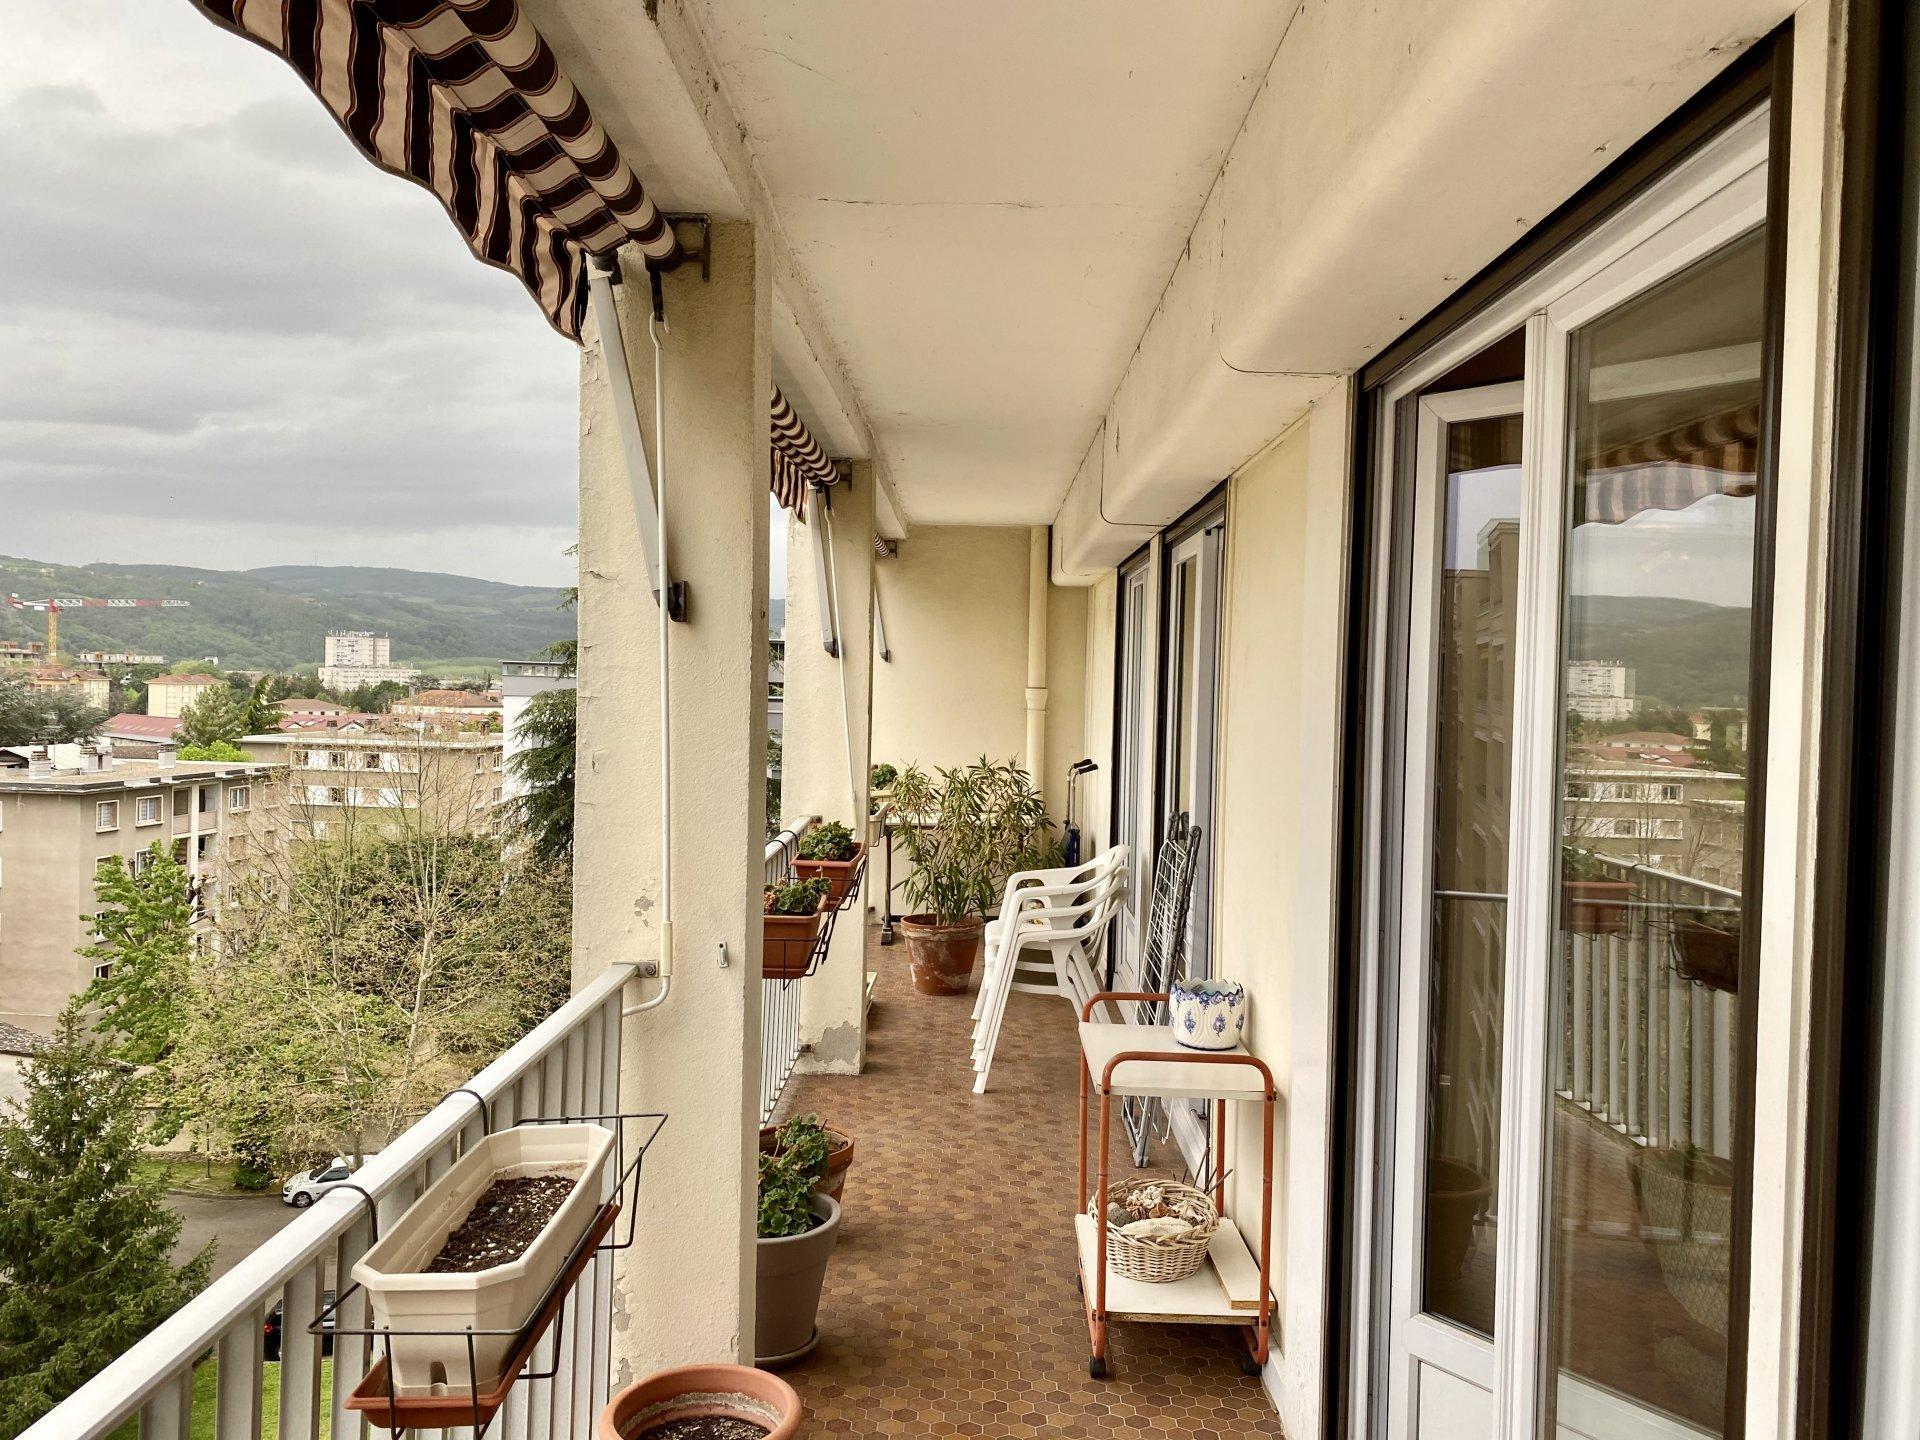 VIENNE Nord, Appartement T4 de 85 m² avec balcon, cave et garage